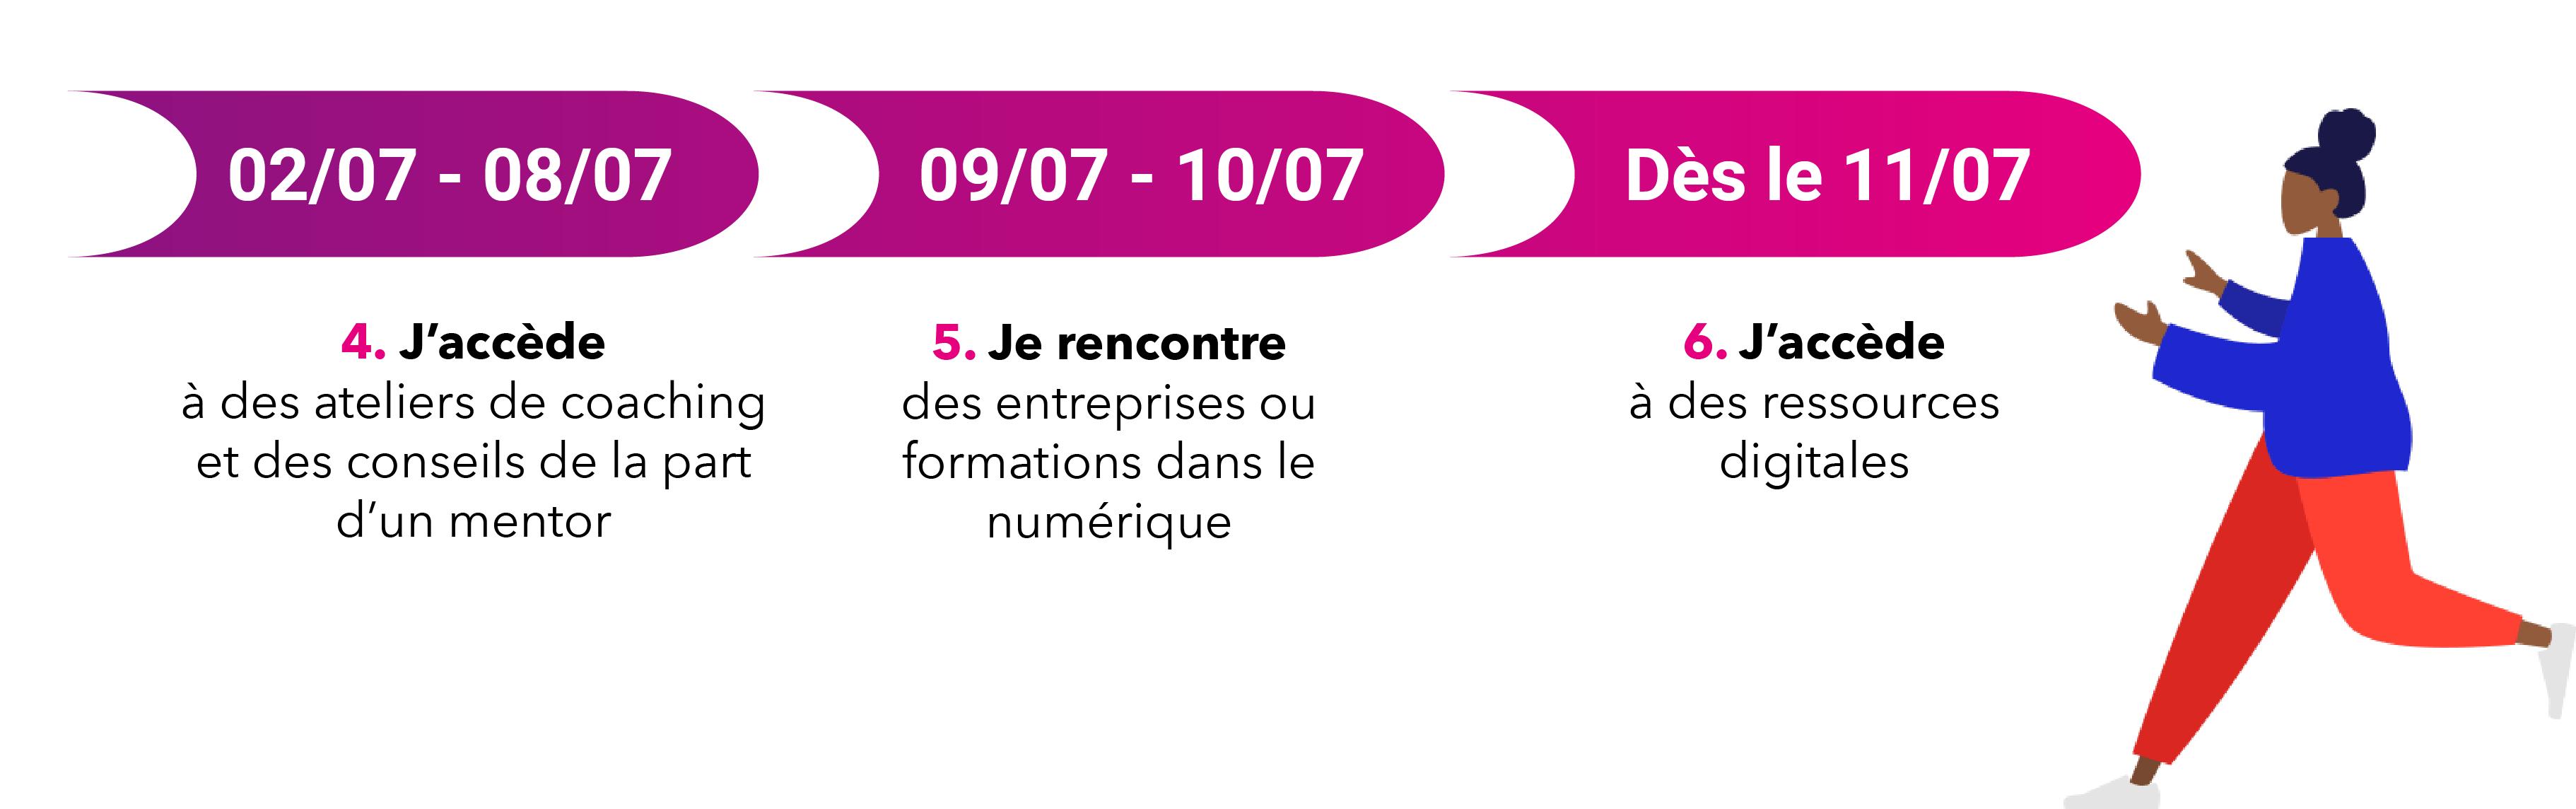 Frise-declics-chronologique-declics-pour-l-emploi-2